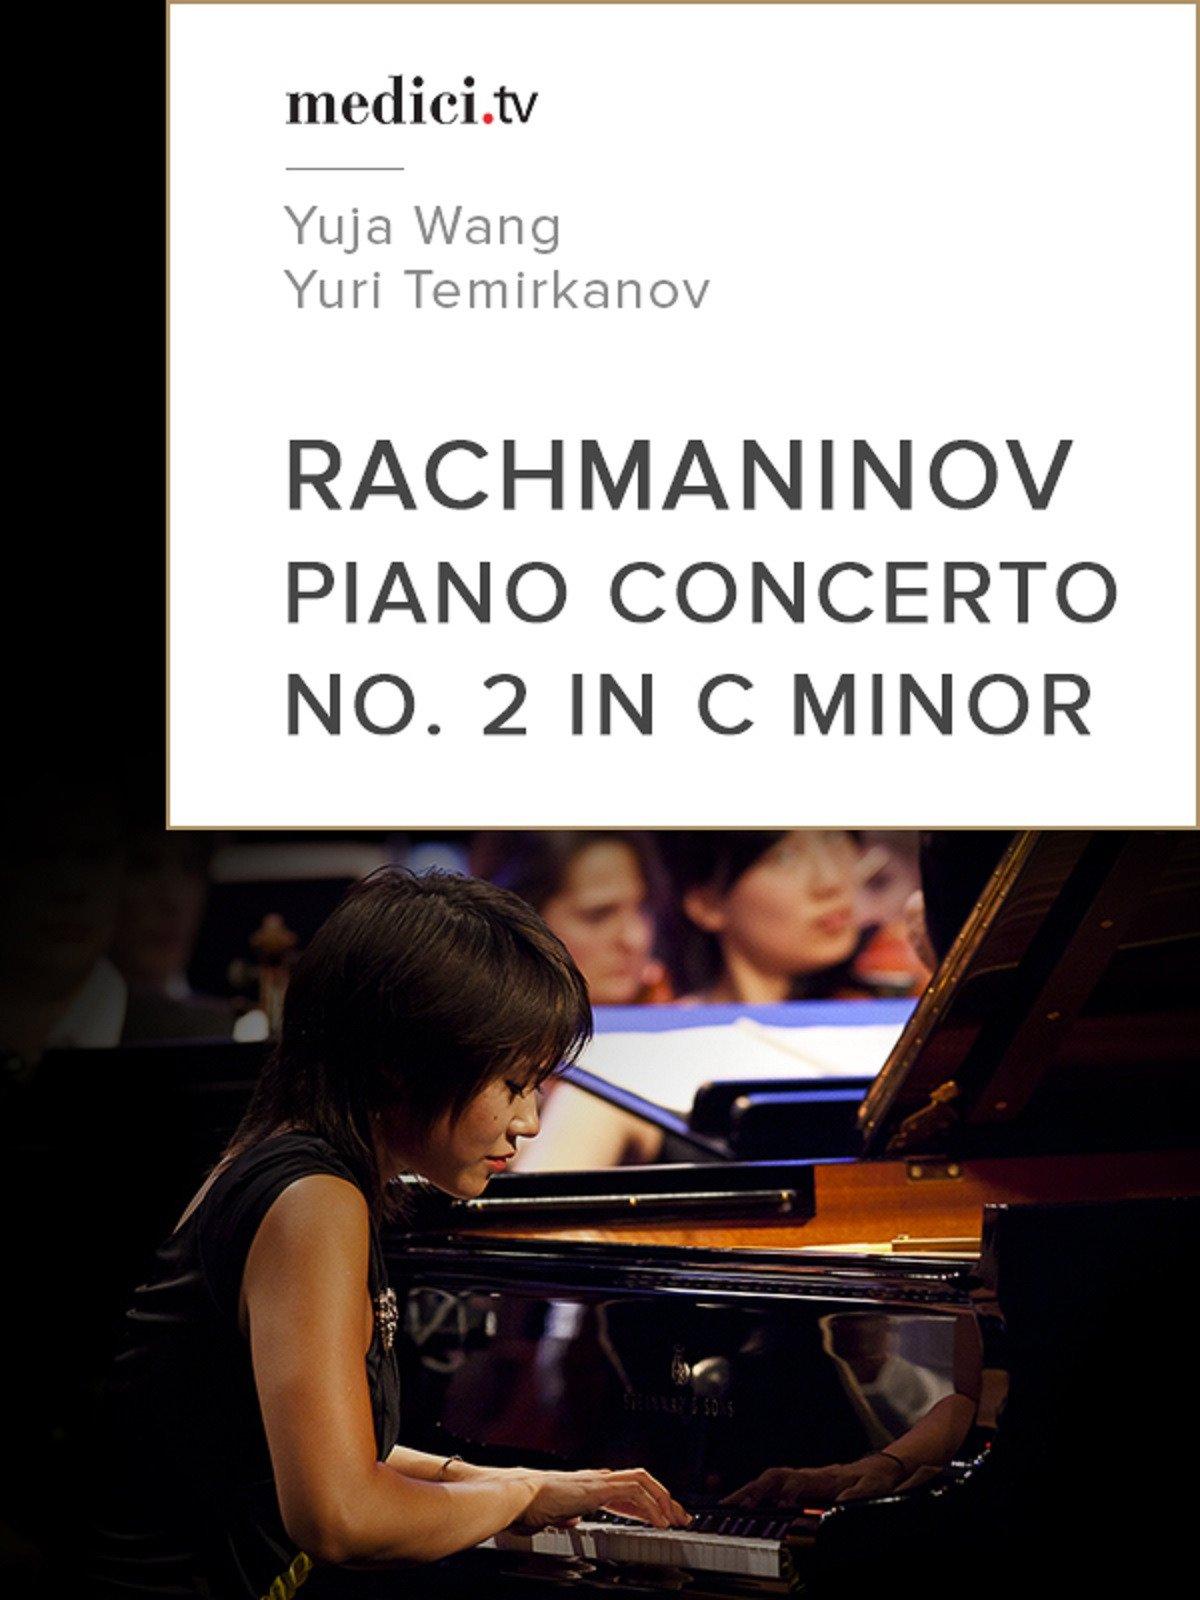 Rachmaninov, Piano Concerto No. 2 in C minor - Yuja Wang, Yuri Temirkanov by